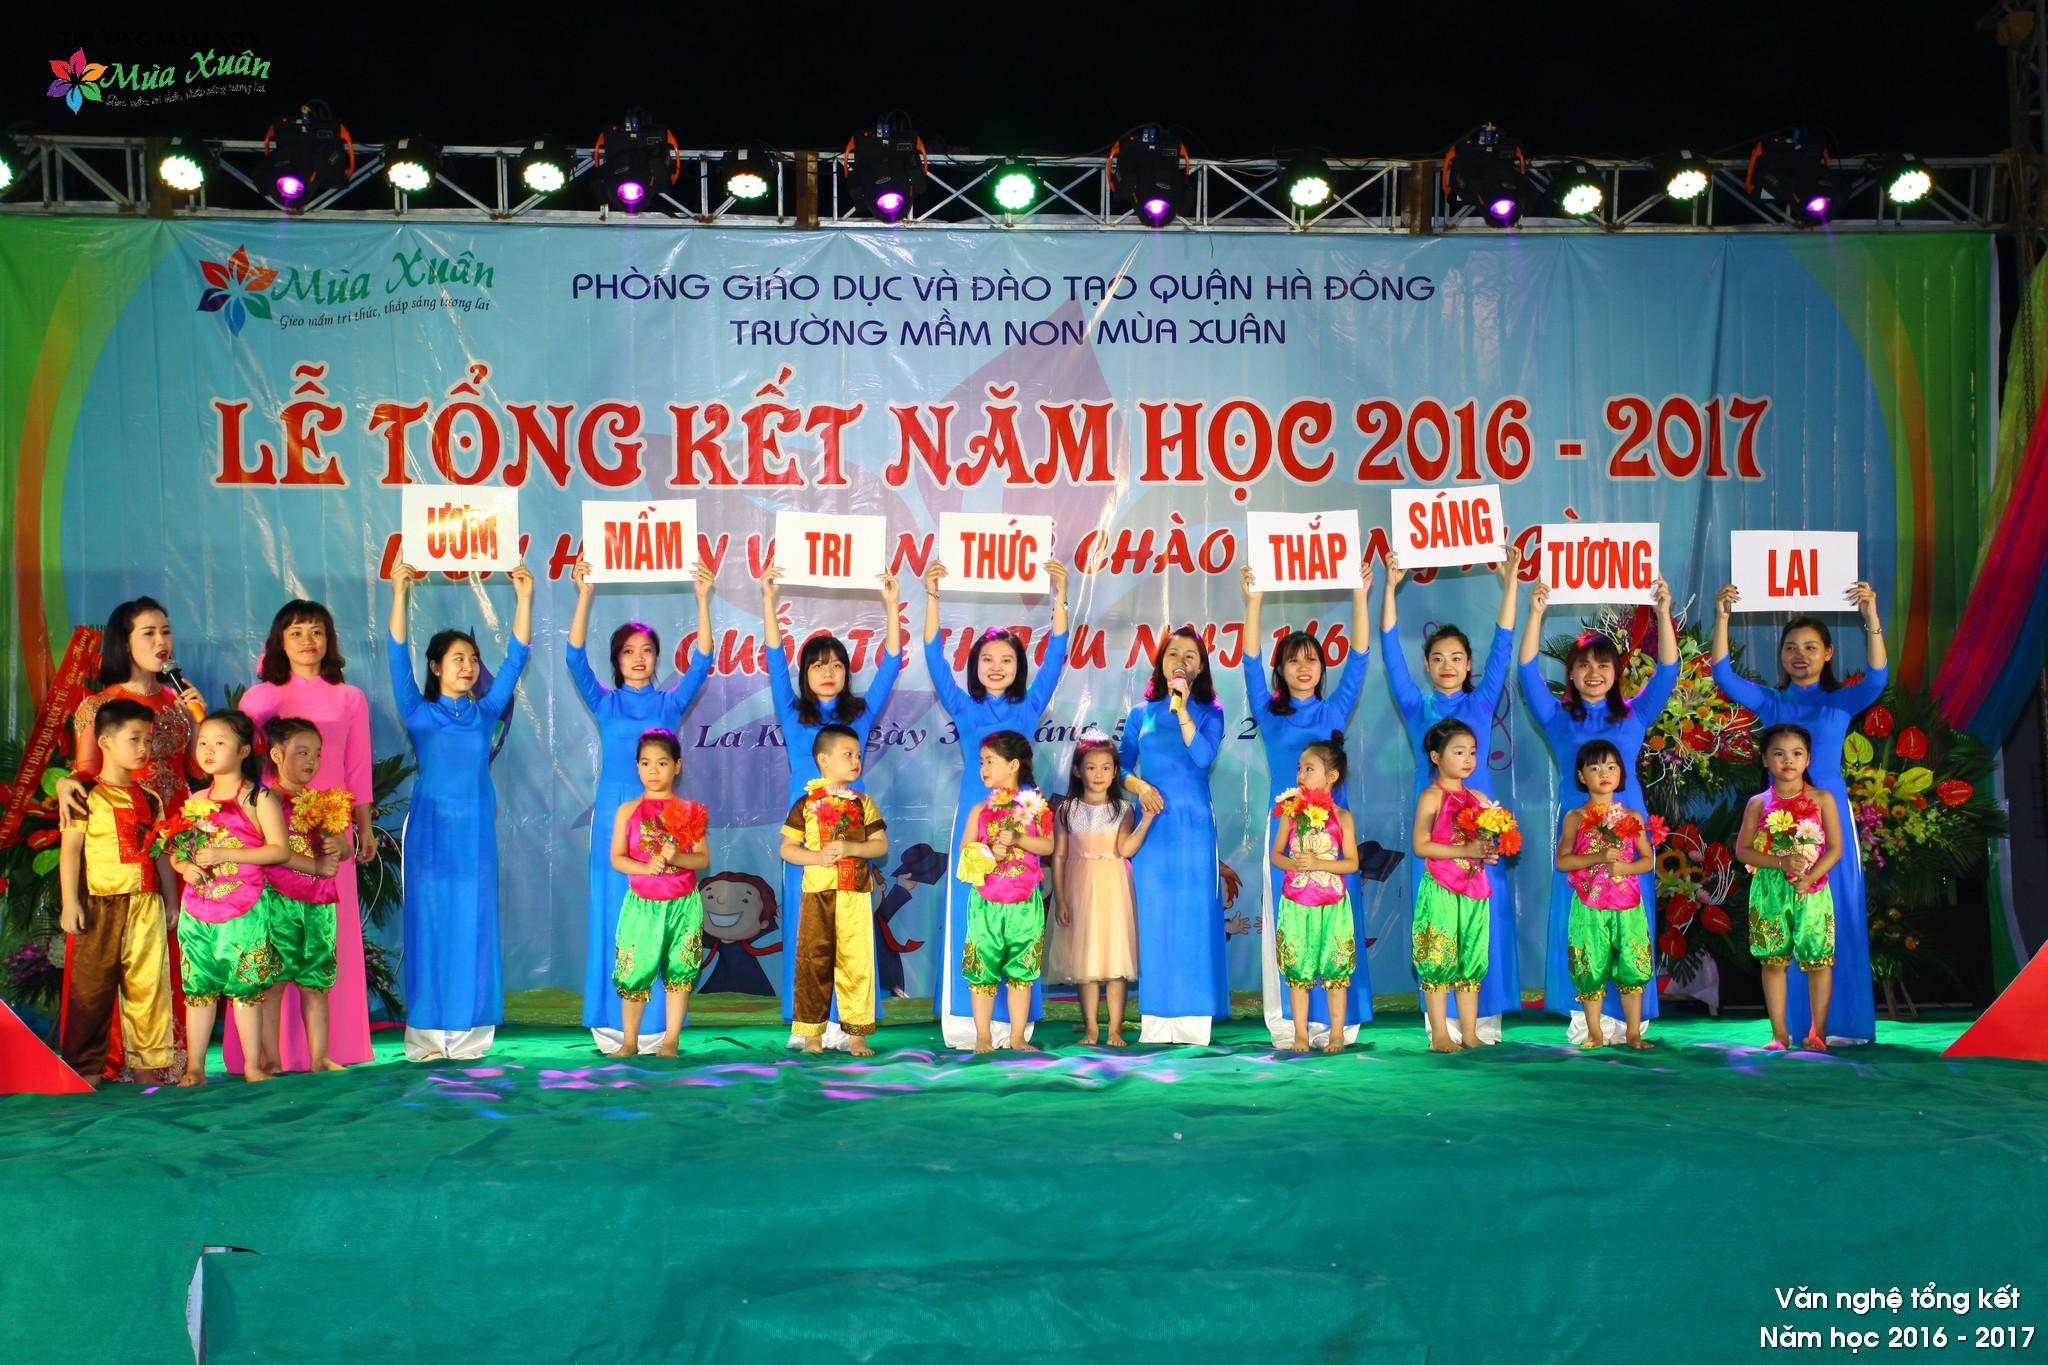 Lễ tổng kết năm học 2016 - 2017